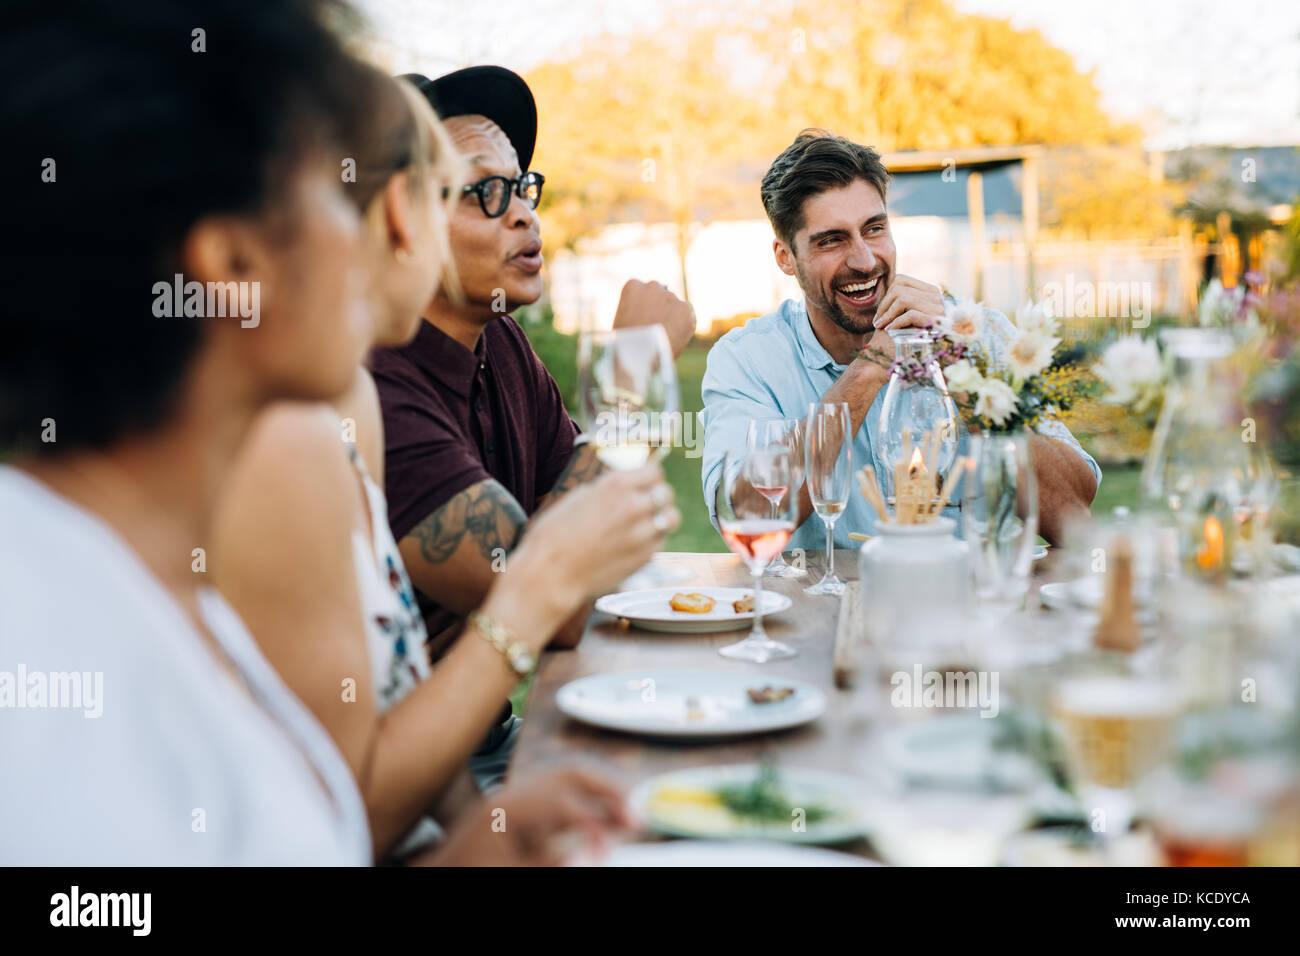 Junger Mann Lachen beim Sitzen mit Freunden im Freien. Freunde genießen Sommer Mahlzeiten im Restaurant im Freien. Stockfoto